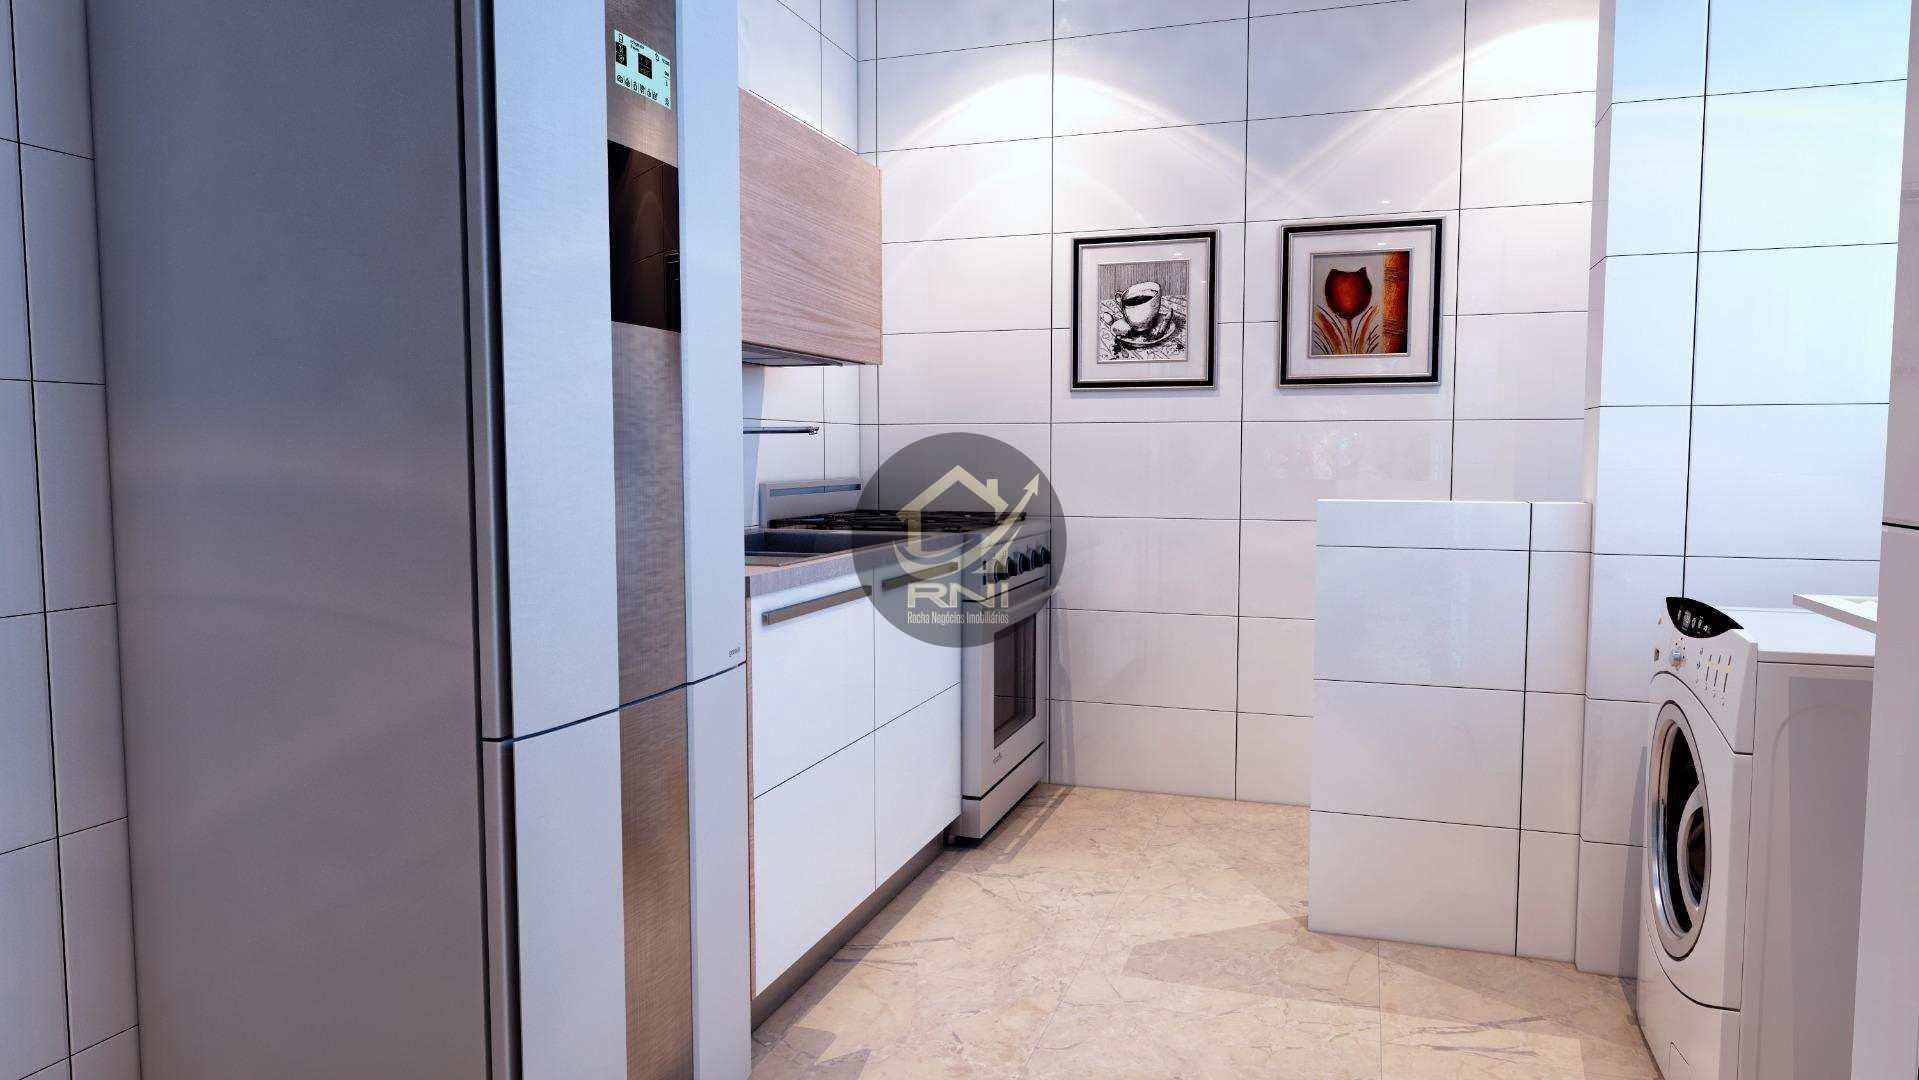 Apartamento com 2 dormitórios à venda, 71 m² por R$ 348.468,68 - Vila Guilhermina - Praia Grande/SP